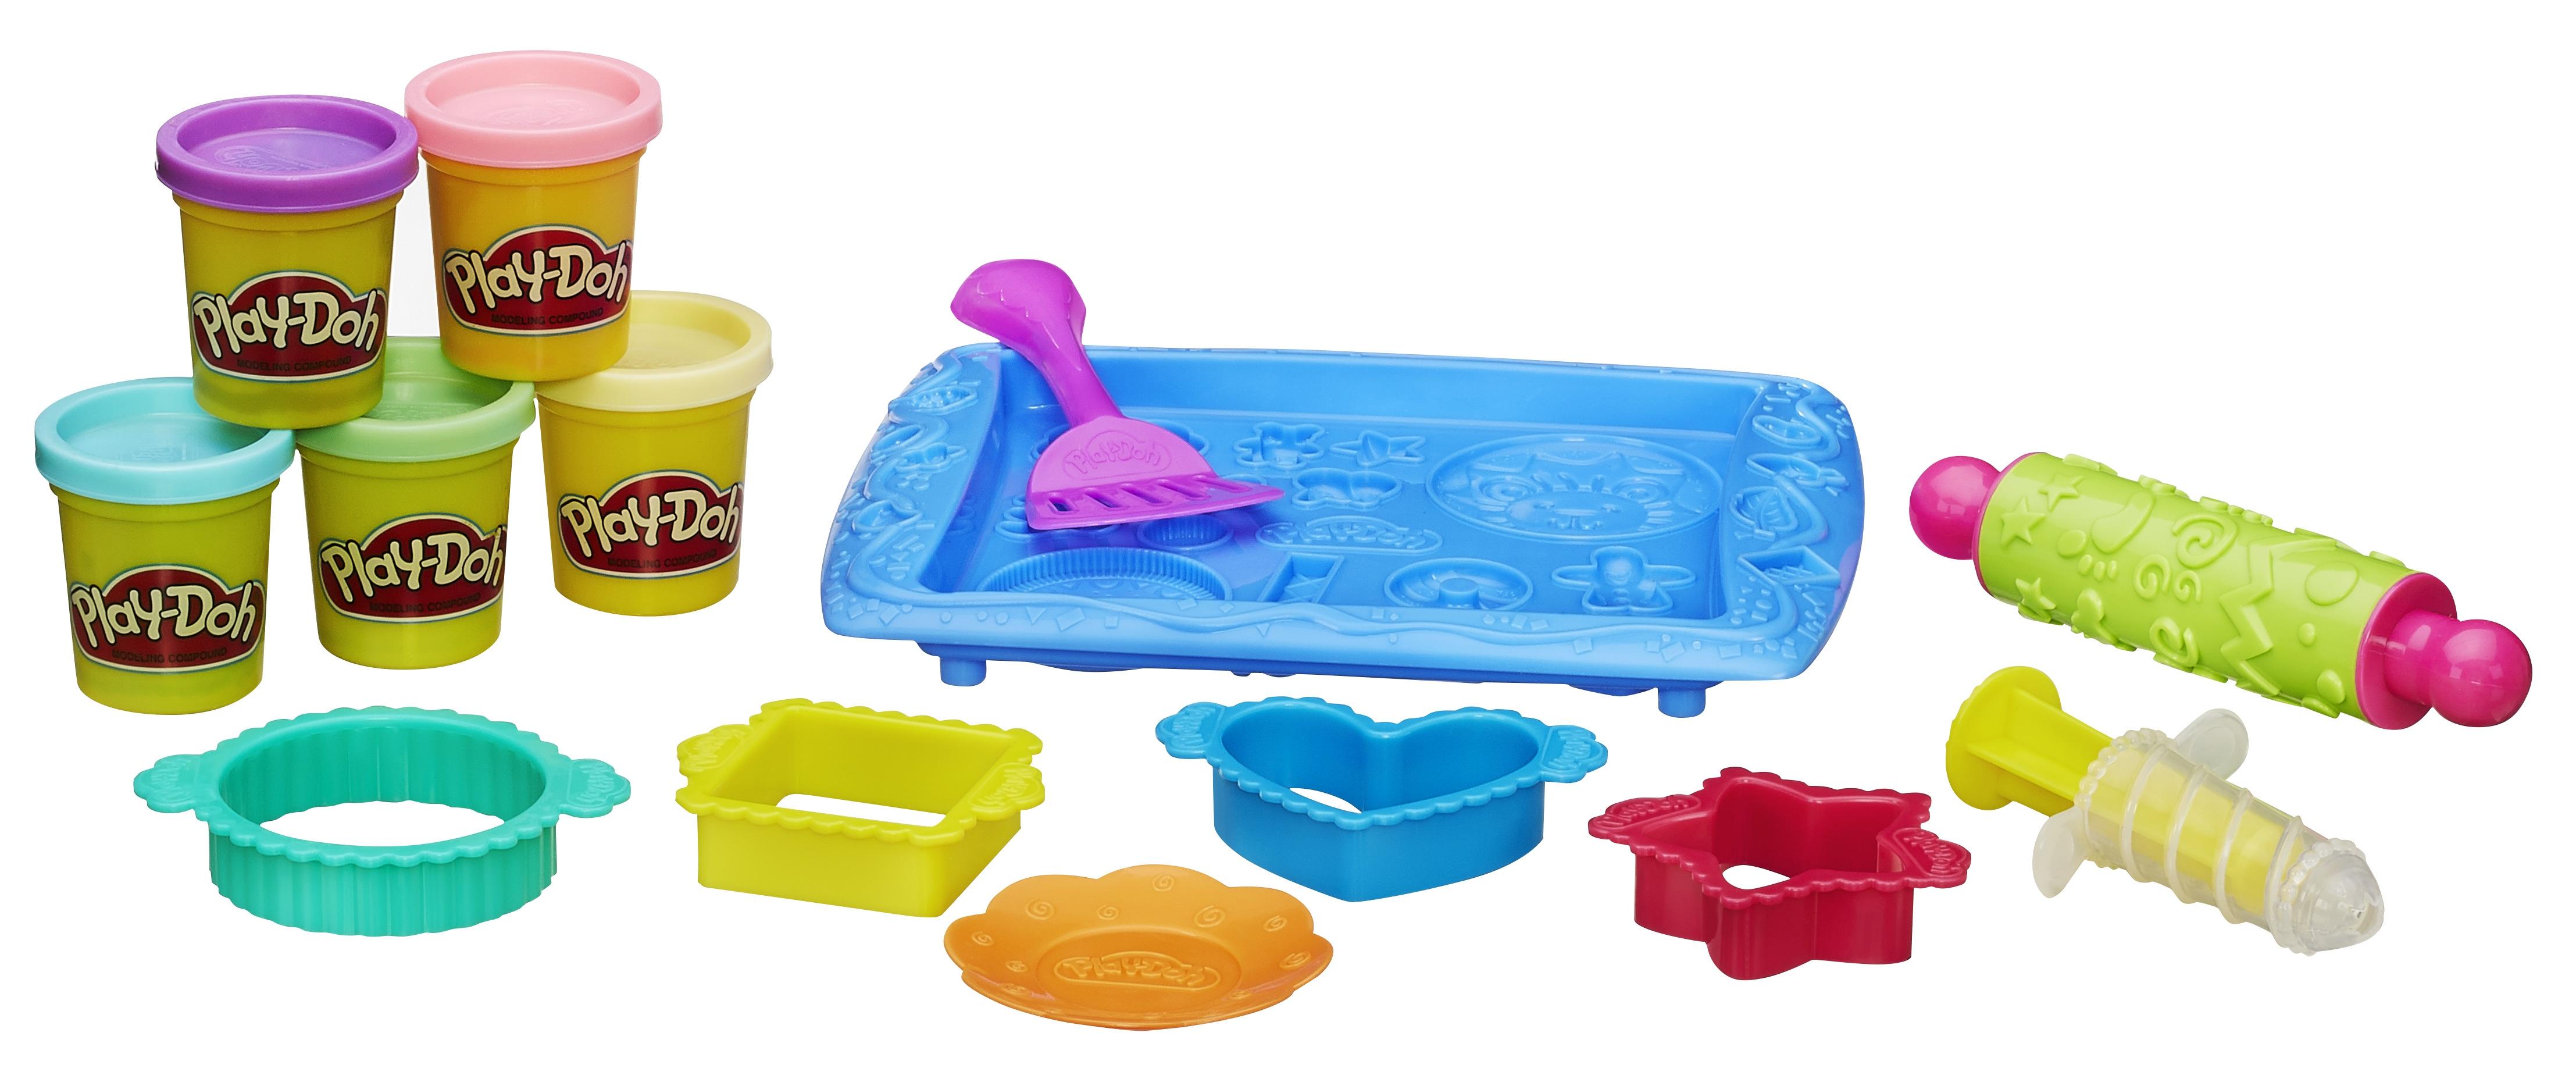 Пластилин и масса для лепки Hasbro Магазинчик печенья hasbro набор пластилина hasbro play doh цвета и формы